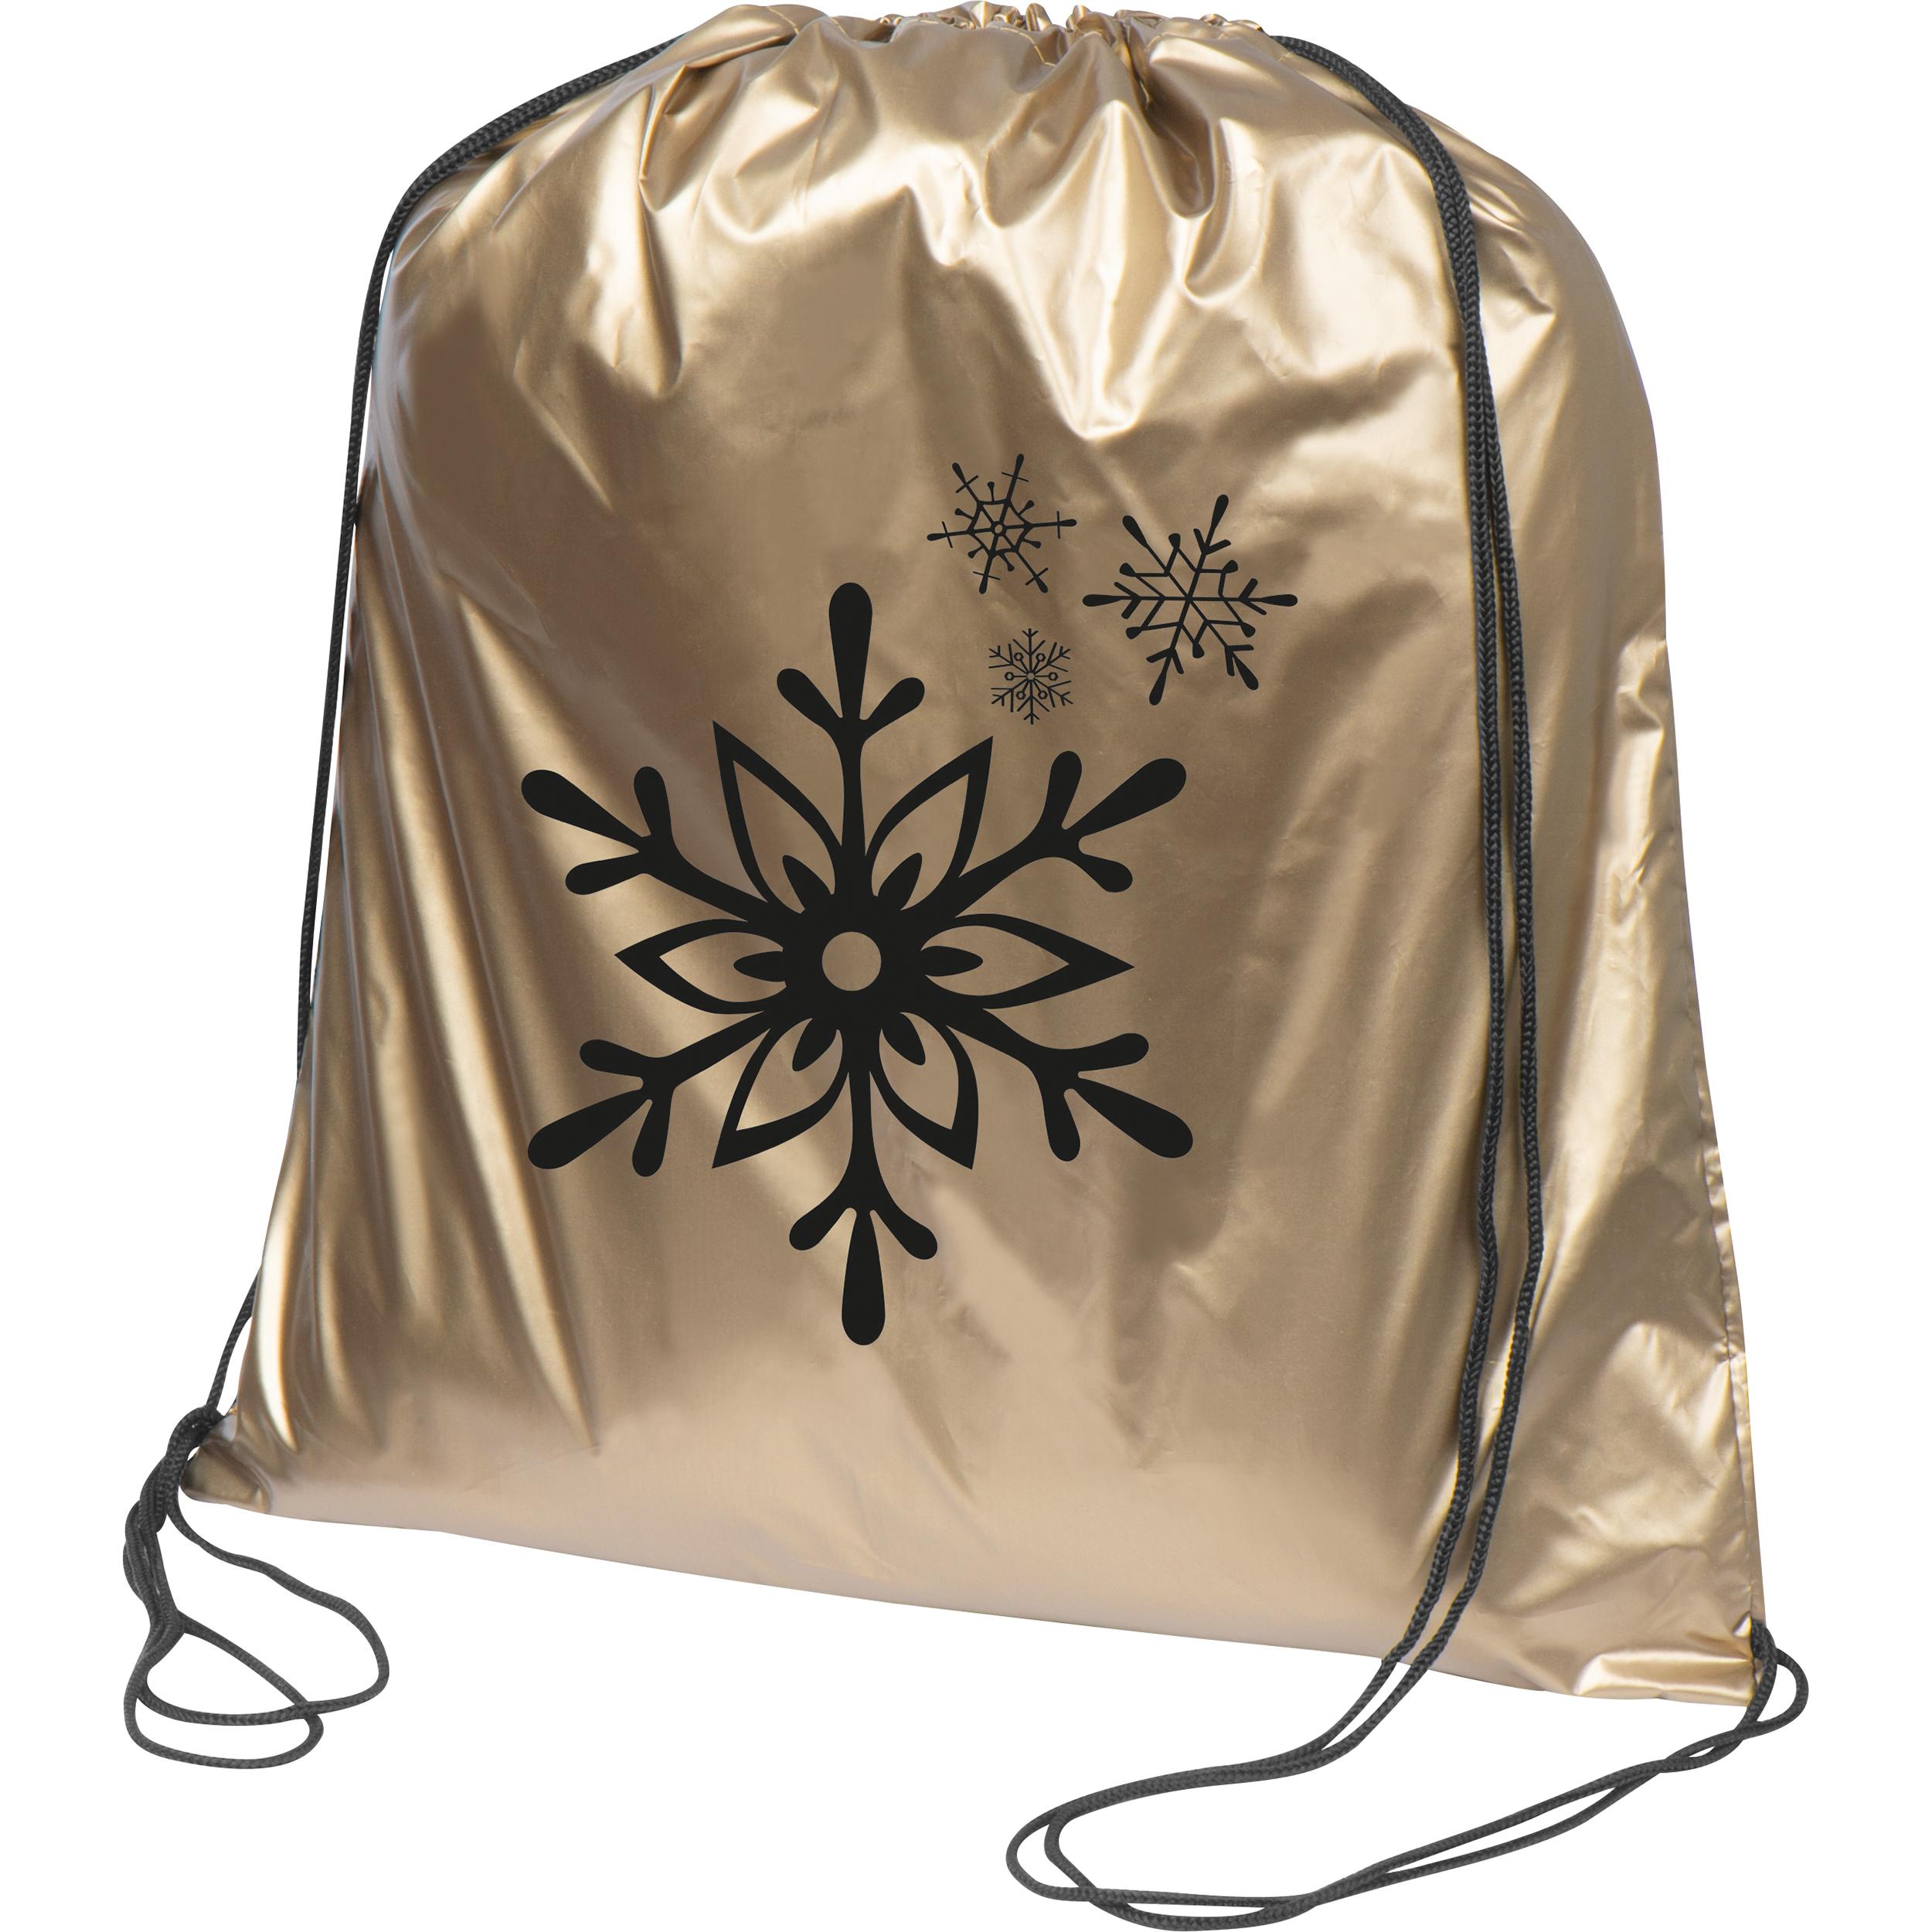 Gymbag aus Polyester in metallic Farben